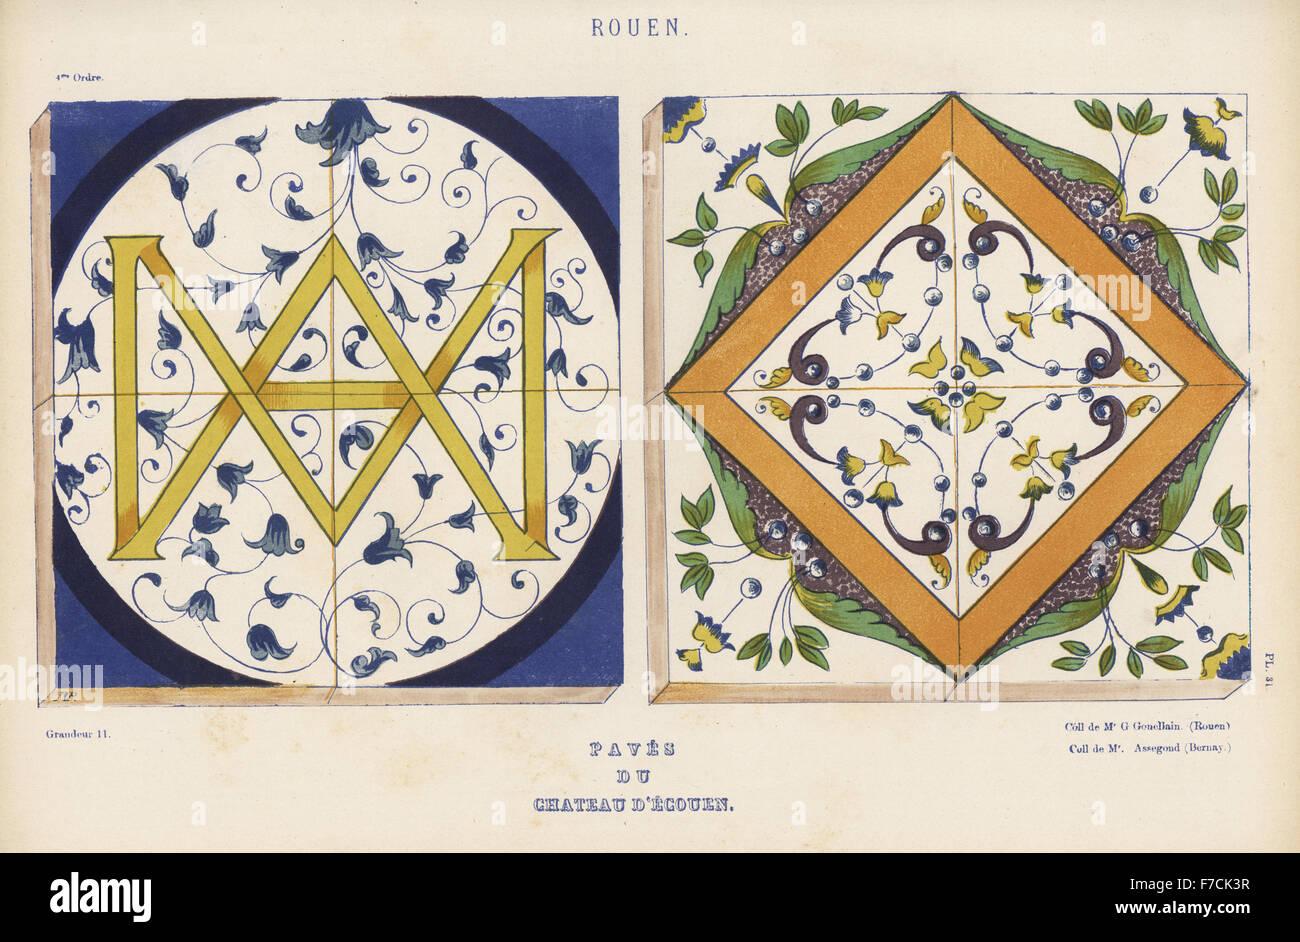 Pavimento In Piastrelle Di Ceramica Smaltata : Dipinto di pavimento di piastrelle da rouen in chateau d ecouen